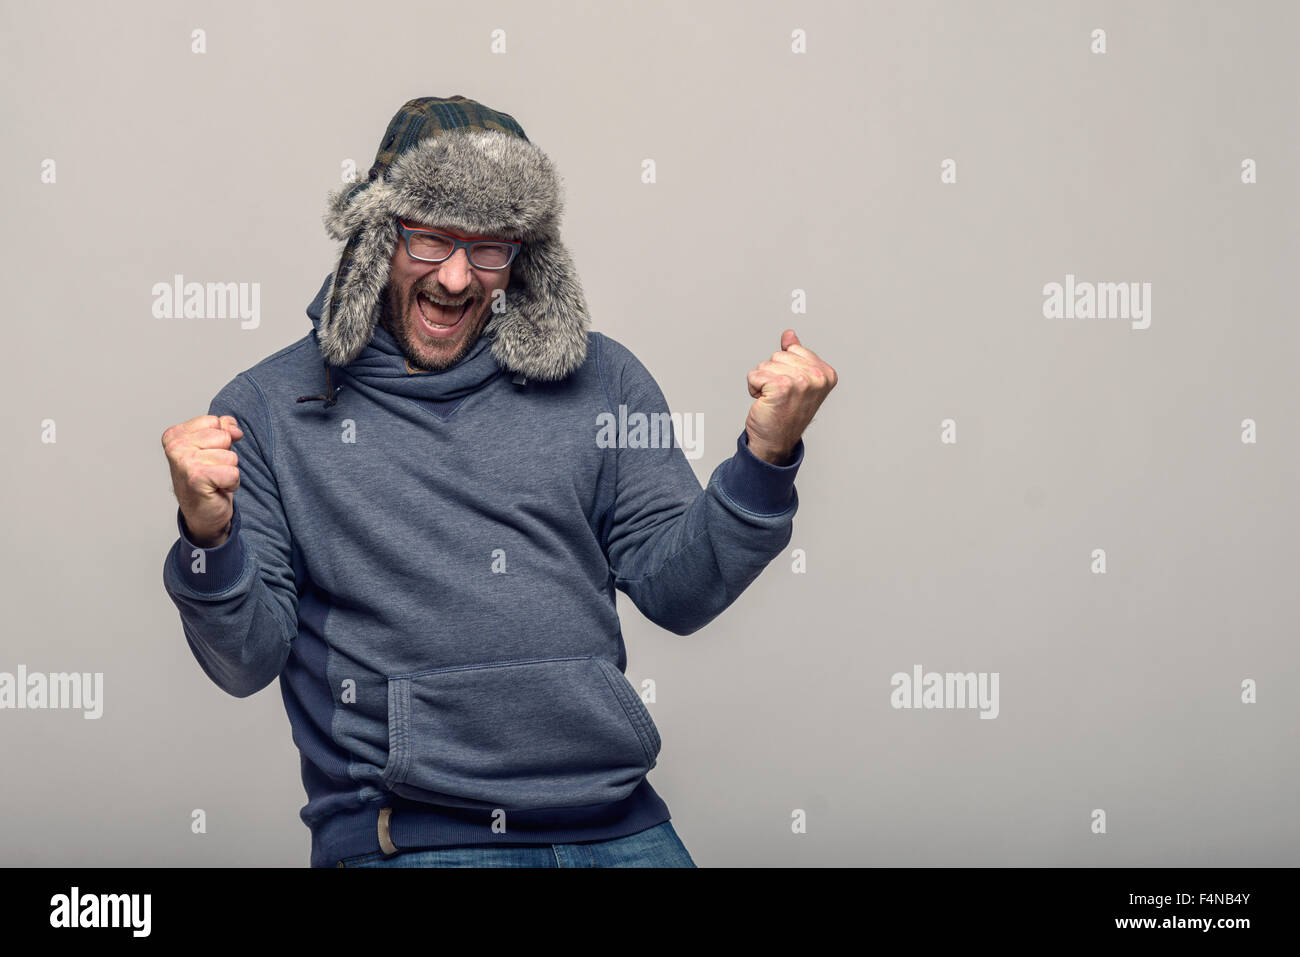 Feliz el hombre con gafas y un sombrero de invierno celebrando vítores y levantando sus puños cerrados en el aire con un exultante expre Foto de stock